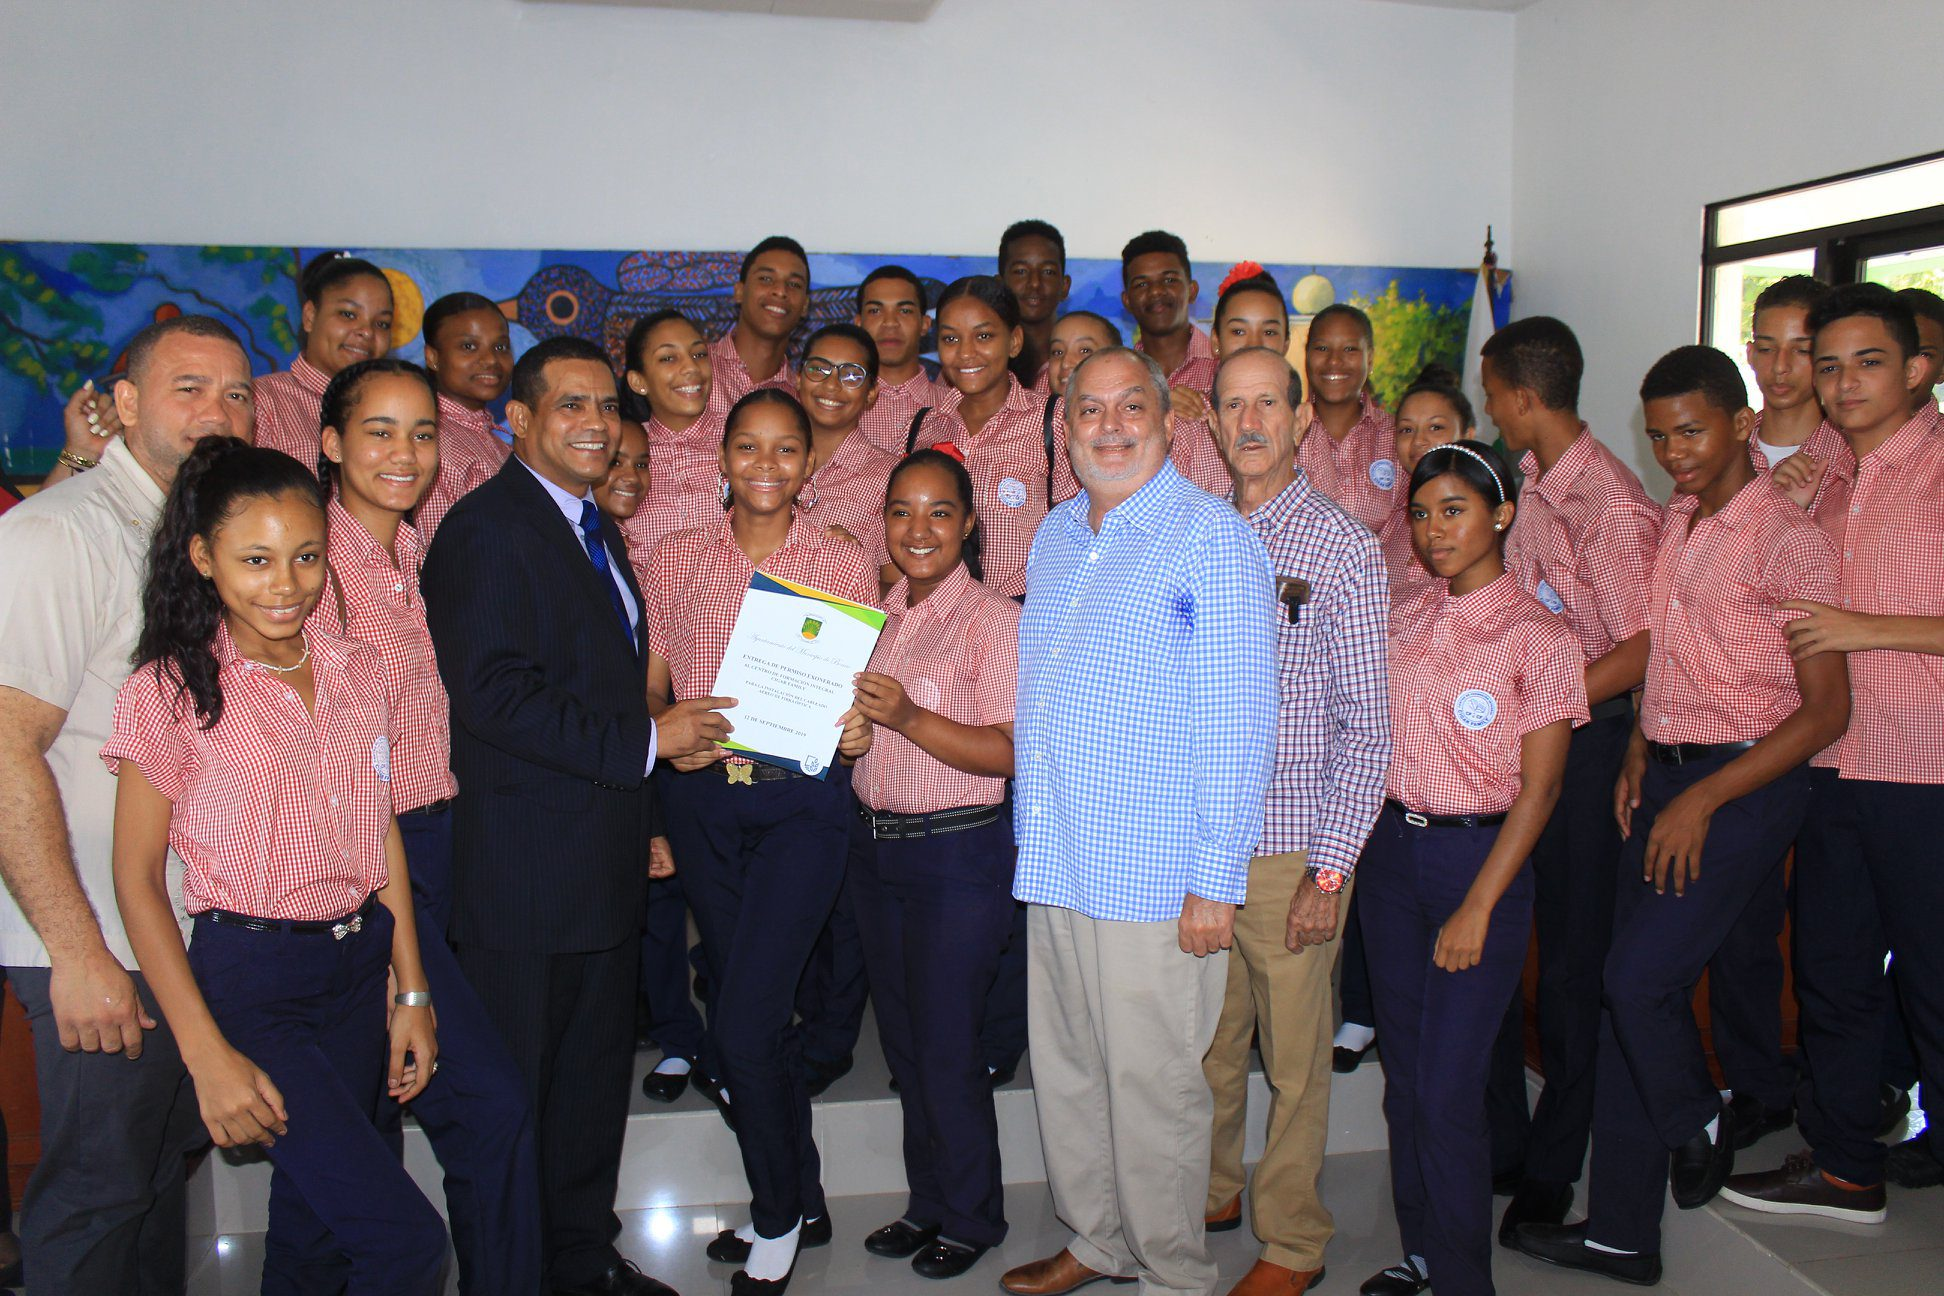 Alcalde Darío Rodríguez en apoyo de la educación